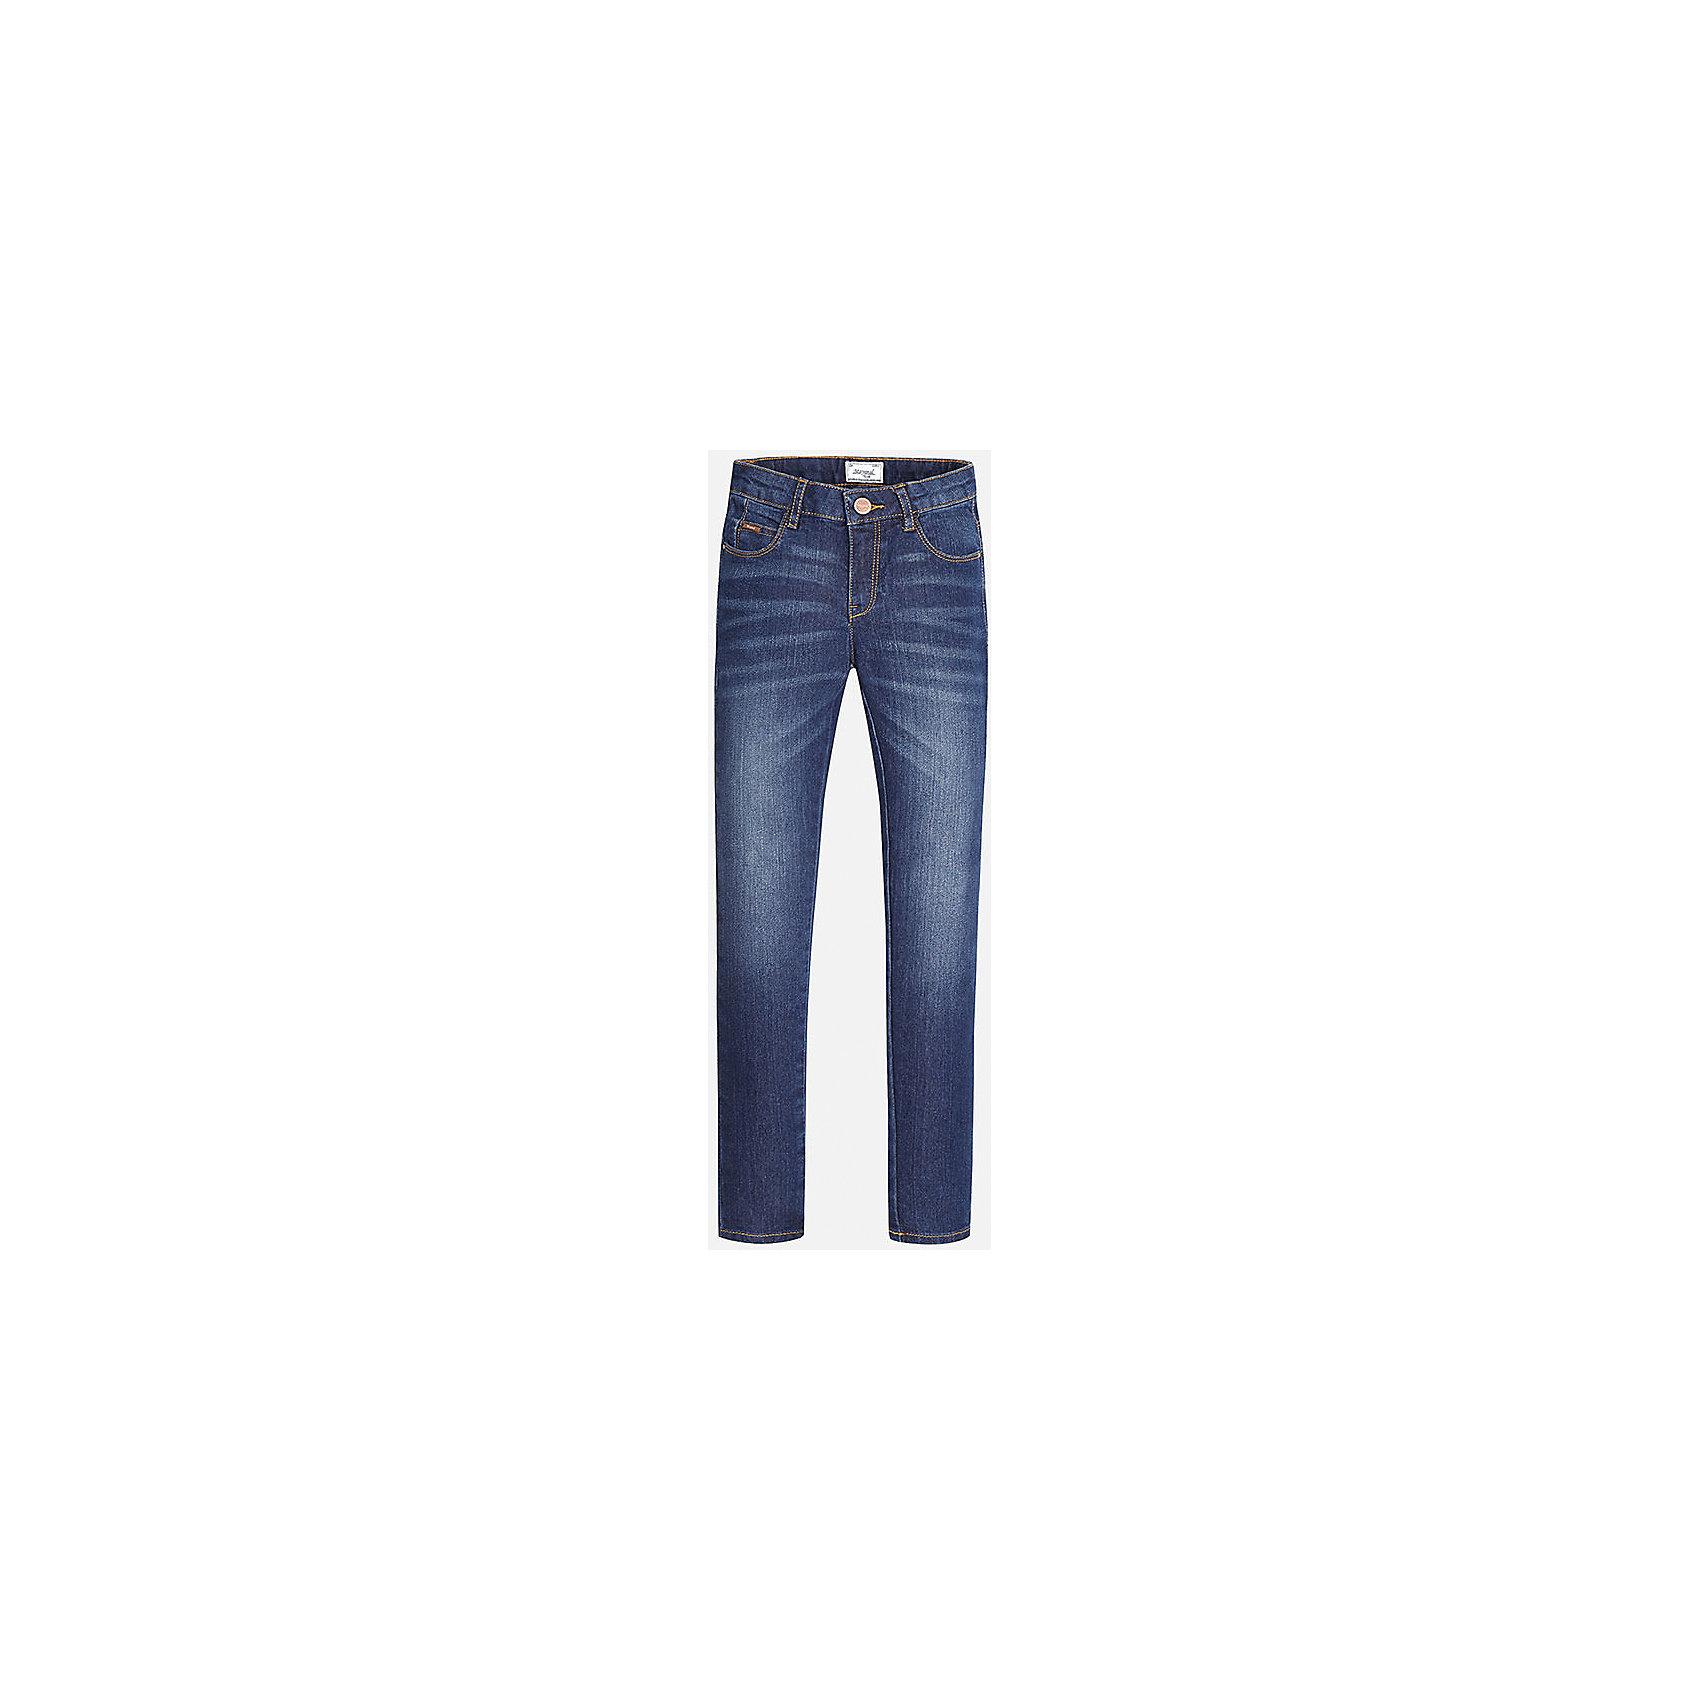 Джинсы для девочки MayoralСтильные джинсы торговой марки    Майорал -Mayoralдля маленьких модниц. Выполнены из плотного и качественного материала. Джинсы зауженного покроя, в крапинку, карманы декорированы вставками коричневого цвета.<br><br>Дополнительная инфориация:<br><br>- вид застежки: на молнии <br>- цвет: темно-синий<br>- фактура материала: текстильный<br>- покрой: прямой<br>- состав:68% хлопок; 20% полиэстер;10% вискоза; 2% эластана<br>- уход за вещами: бережная стирка при 30 градусах<br>- рисунок: без рисунка<br>- назначение: повседневная<br>- сезон: круглогодичный<br>- пол: девочки<br>- страна бренда: Испания<br>- страна производитель:  Испания <br>- комплектация: джинсы<br><br>Джинсы торгов ой марки    Майорал можно купить в нашем интернет магазине.<br><br>Ширина мм: 215<br>Глубина мм: 88<br>Высота мм: 191<br>Вес г: 336<br>Цвет: синий<br>Возраст от месяцев: 108<br>Возраст до месяцев: 120<br>Пол: Женский<br>Возраст: Детский<br>Размер: 128/134,158/164,134/140,152/158,146/152,164/170<br>SKU: 4845769